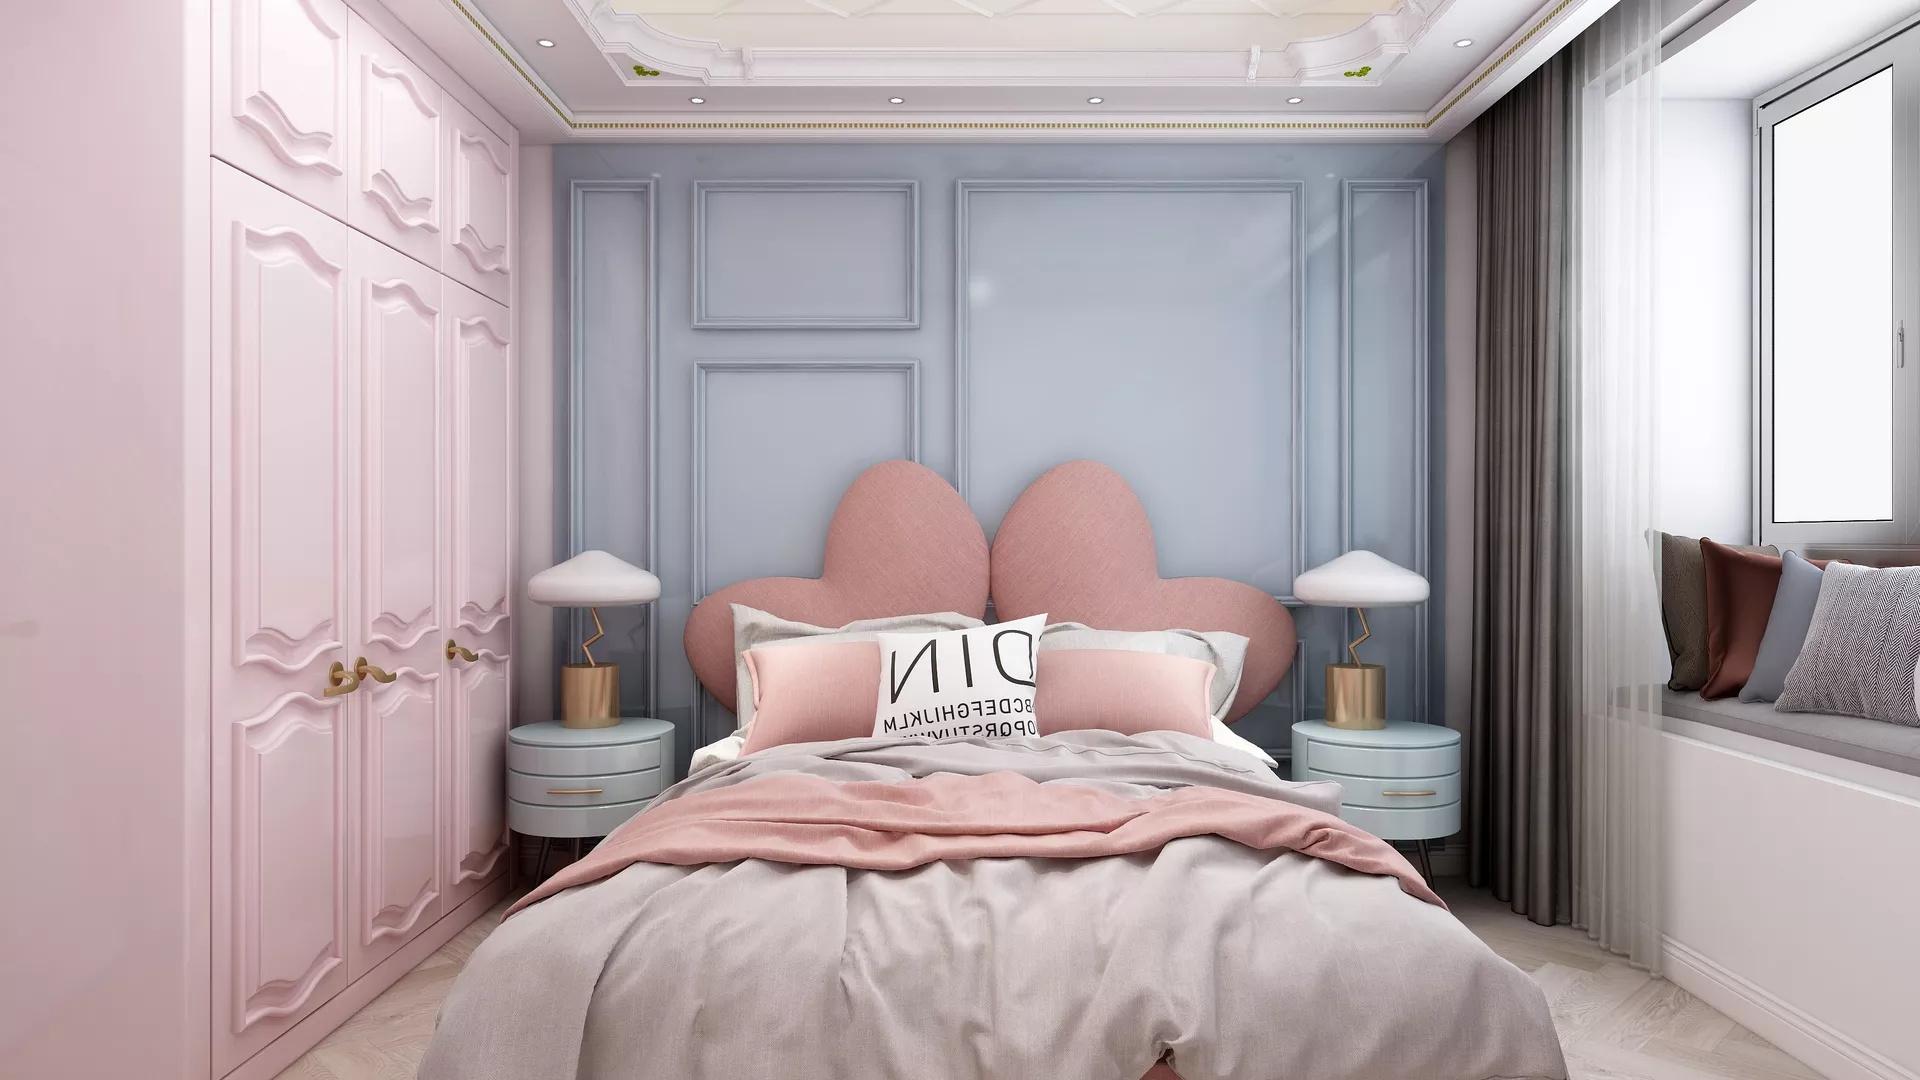 北欧卧室装修风格 北欧风格卧室装修效果图